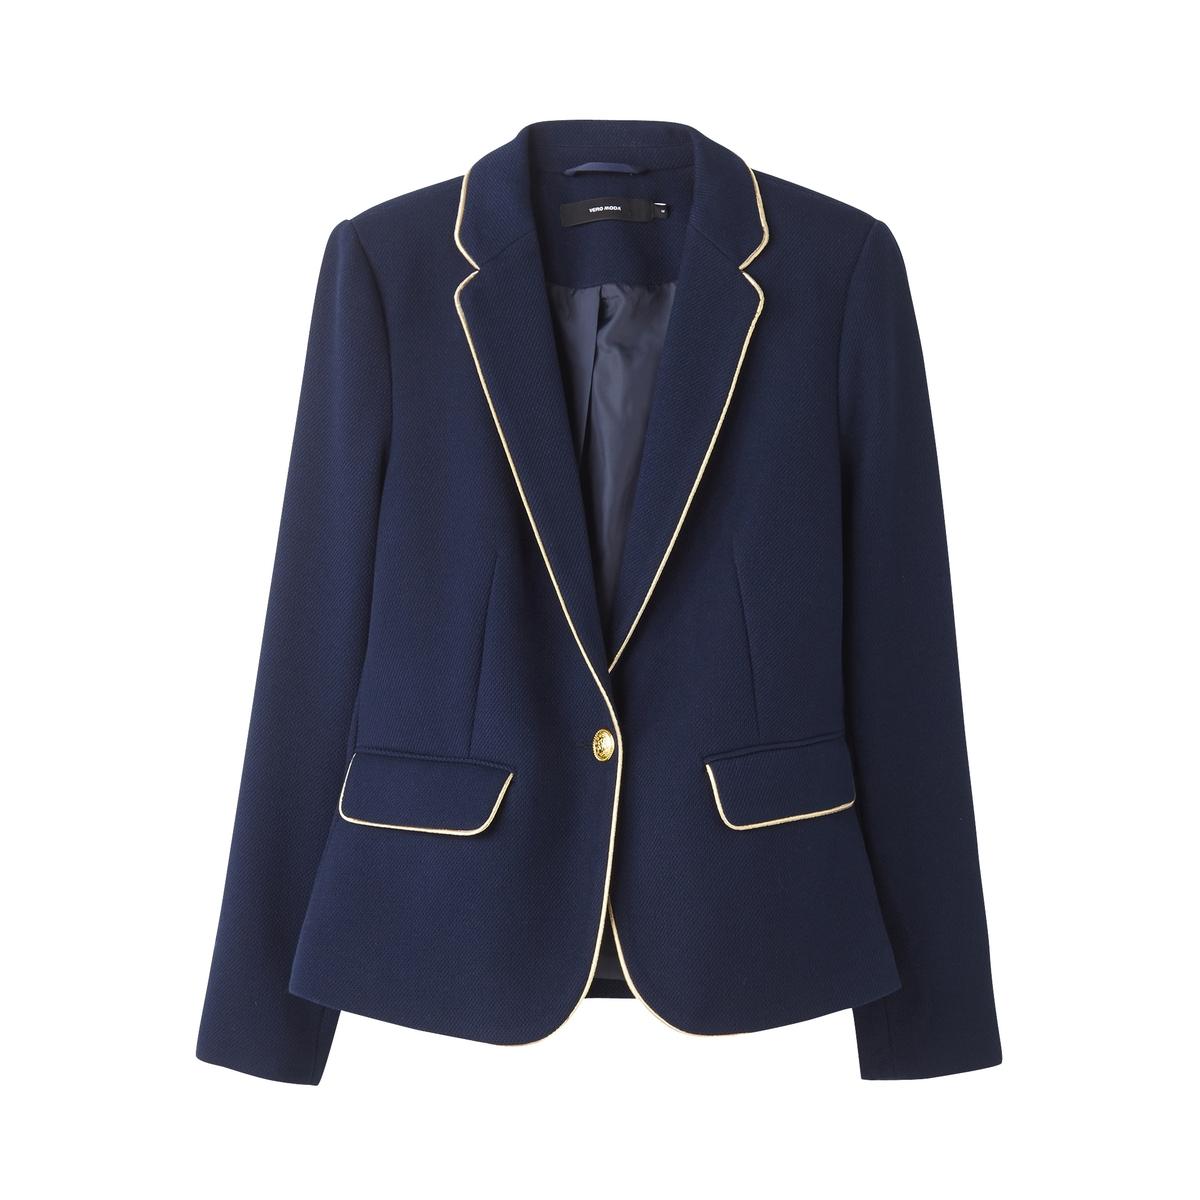 Куртка-блейзер приталеннаяДетали •  Блейзер •  Приталенный покрой   •  Воротник-поло, рубашечный Состав и уход •  60% хлопка, 40% полиэстера •  Следуйте рекомендациям по уходу, указанным на этикетке изделия<br><br>Цвет: темно-синий<br>Размер: XS